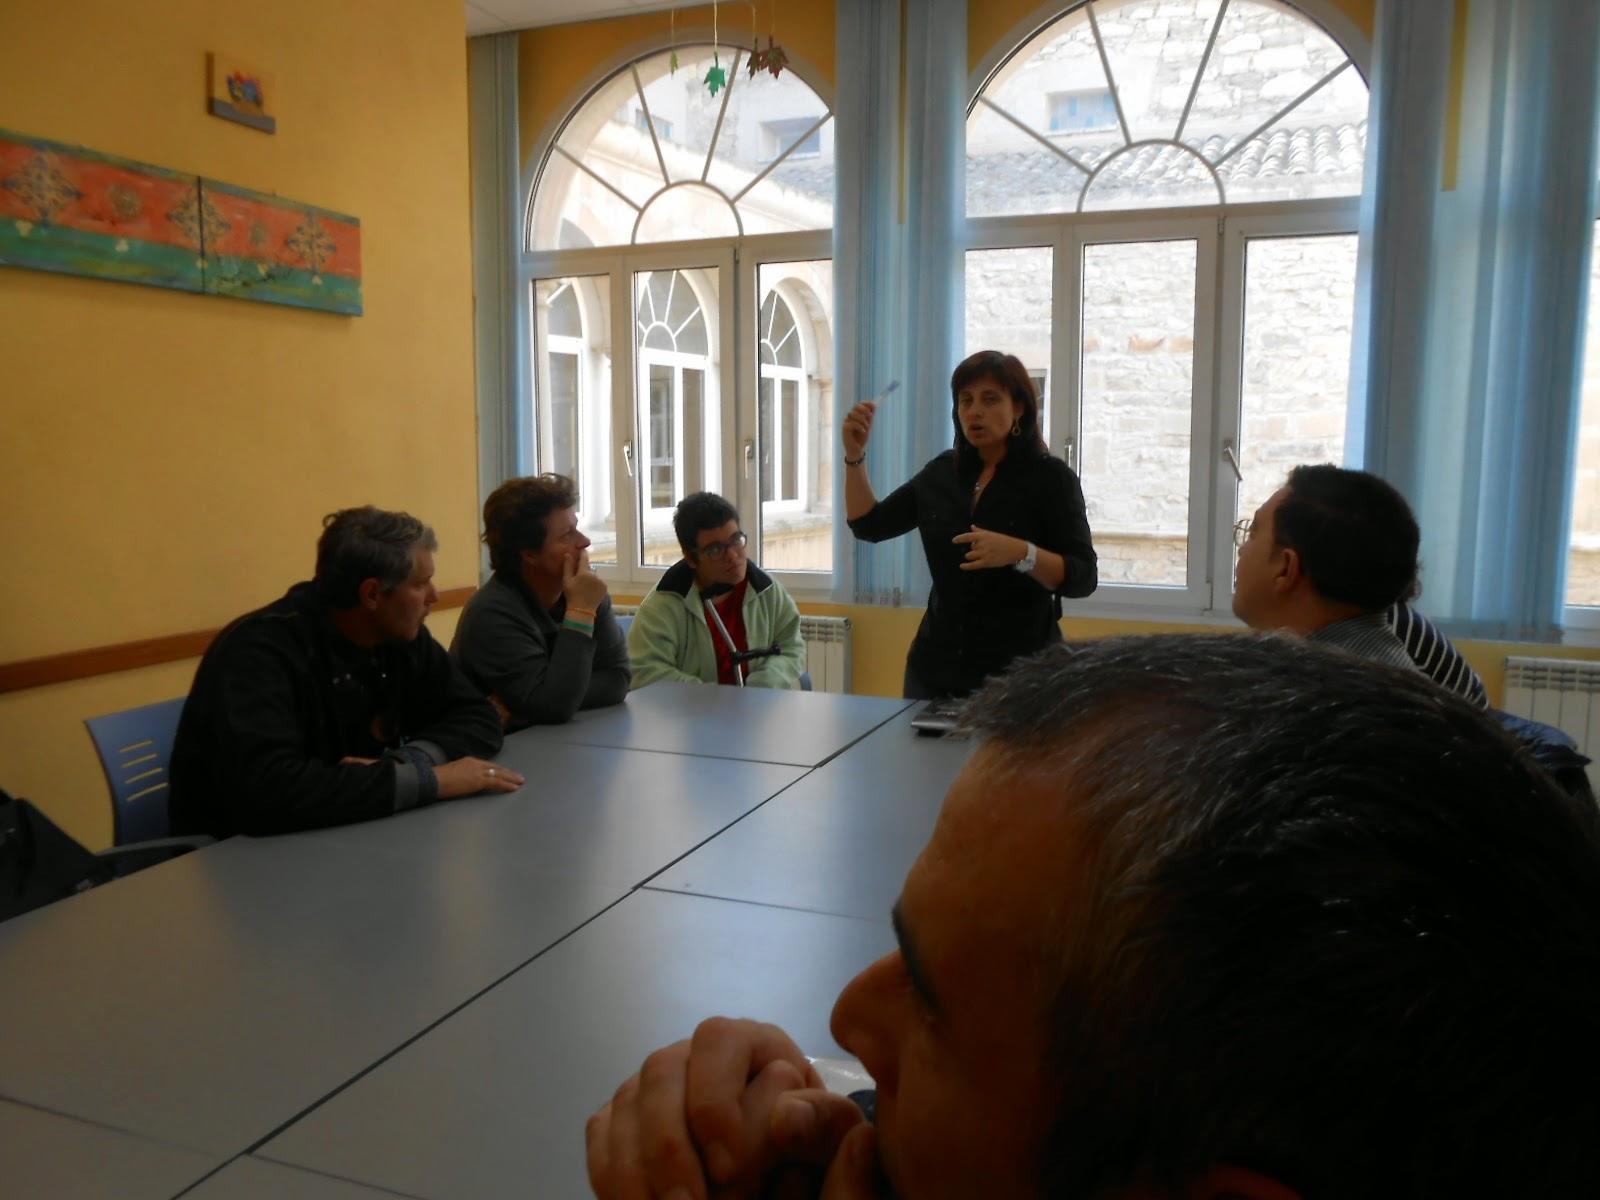 La Gemma Ascencio, directora de la residència explicant al grup de salut mental la visita a la residència, i algunes anècdotes d'aquesta.